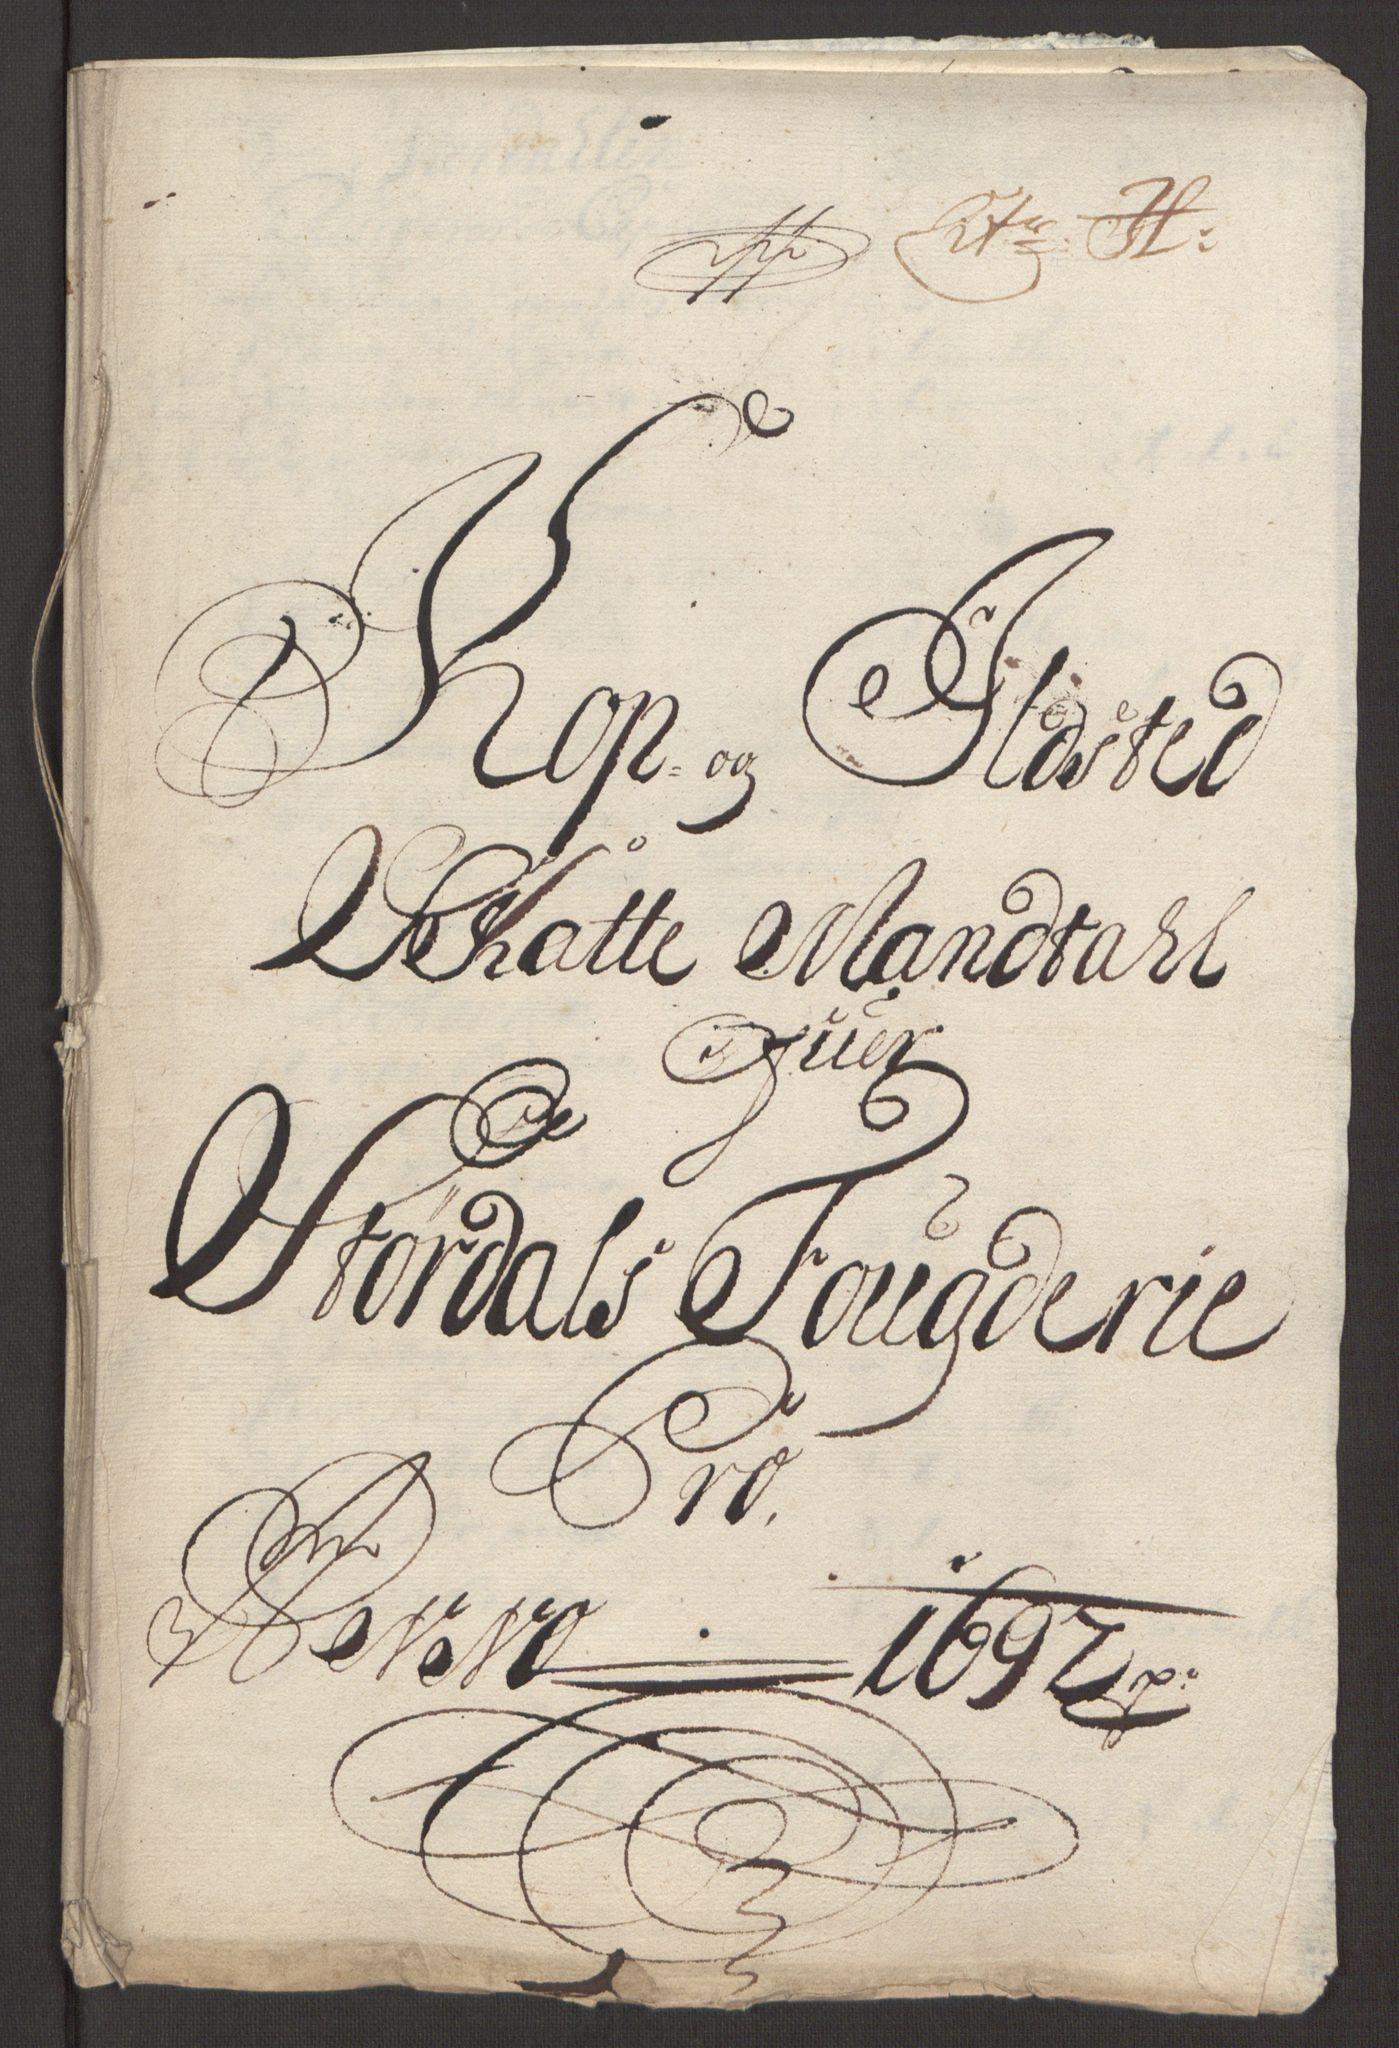 RA, Rentekammeret inntil 1814, Reviderte regnskaper, Fogderegnskap, R62/L4185: Fogderegnskap Stjørdal og Verdal, 1692, s. 141